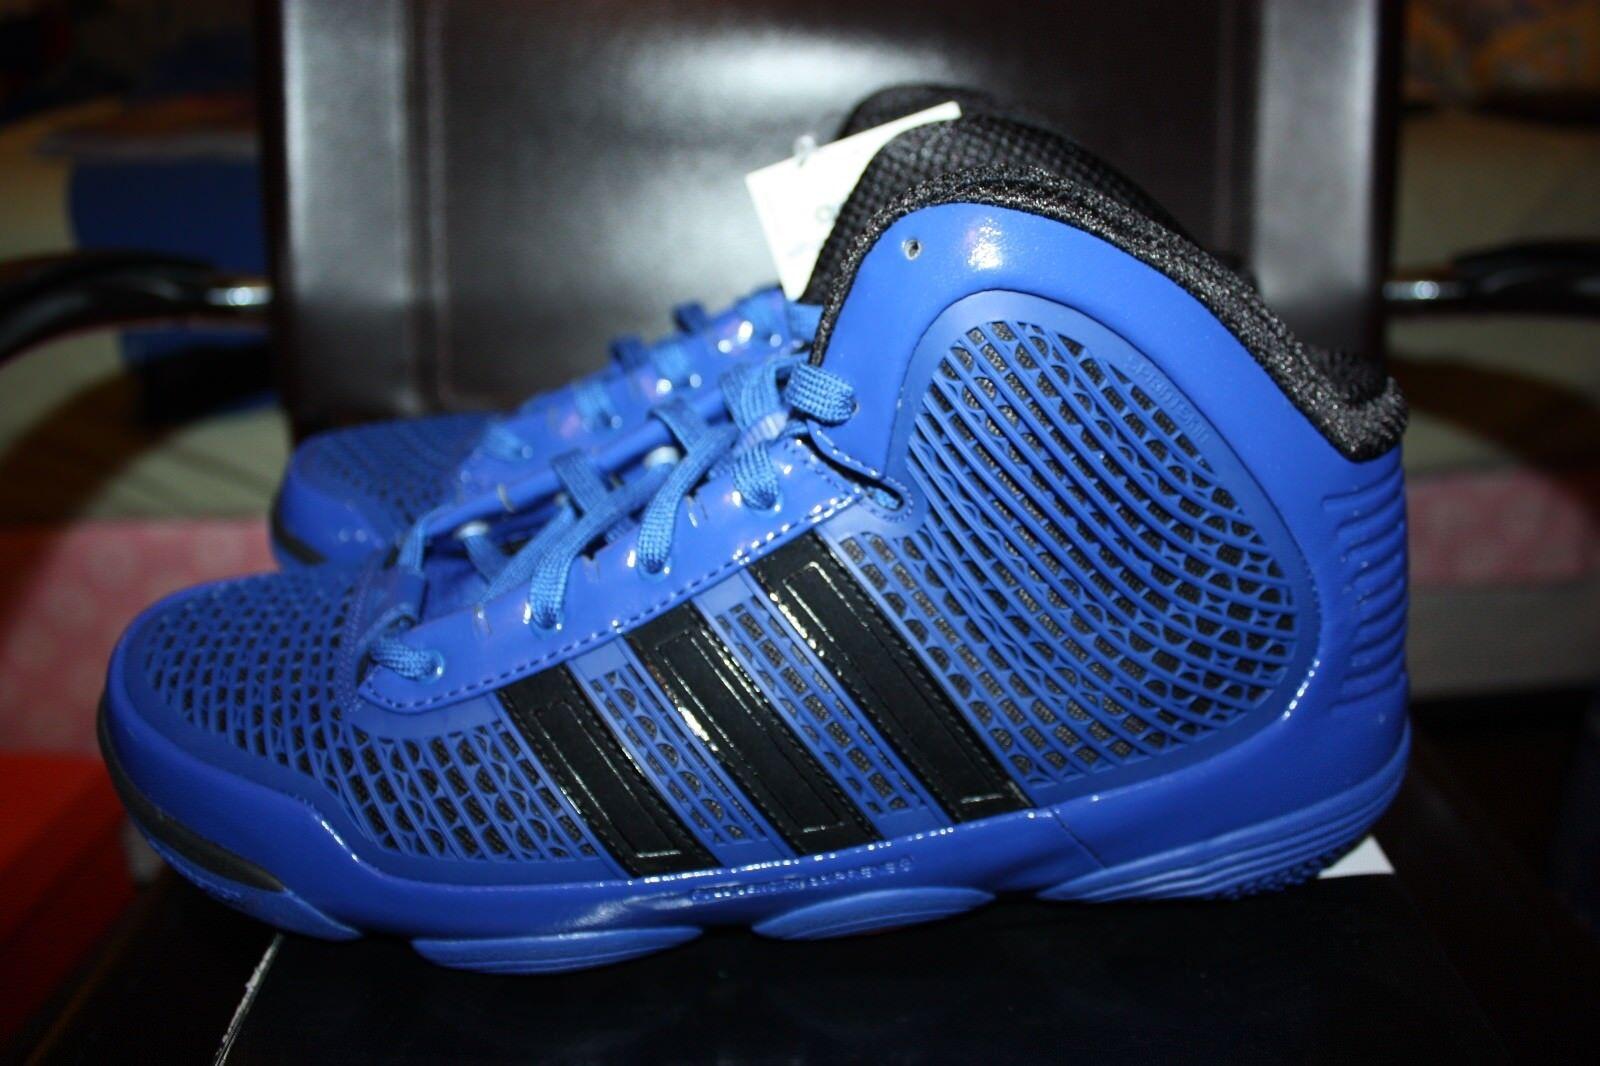 Adidas uomini adipure taglia 10 scorte morte morte morte all star game scarpe da basket azzurro orientale 904d8e